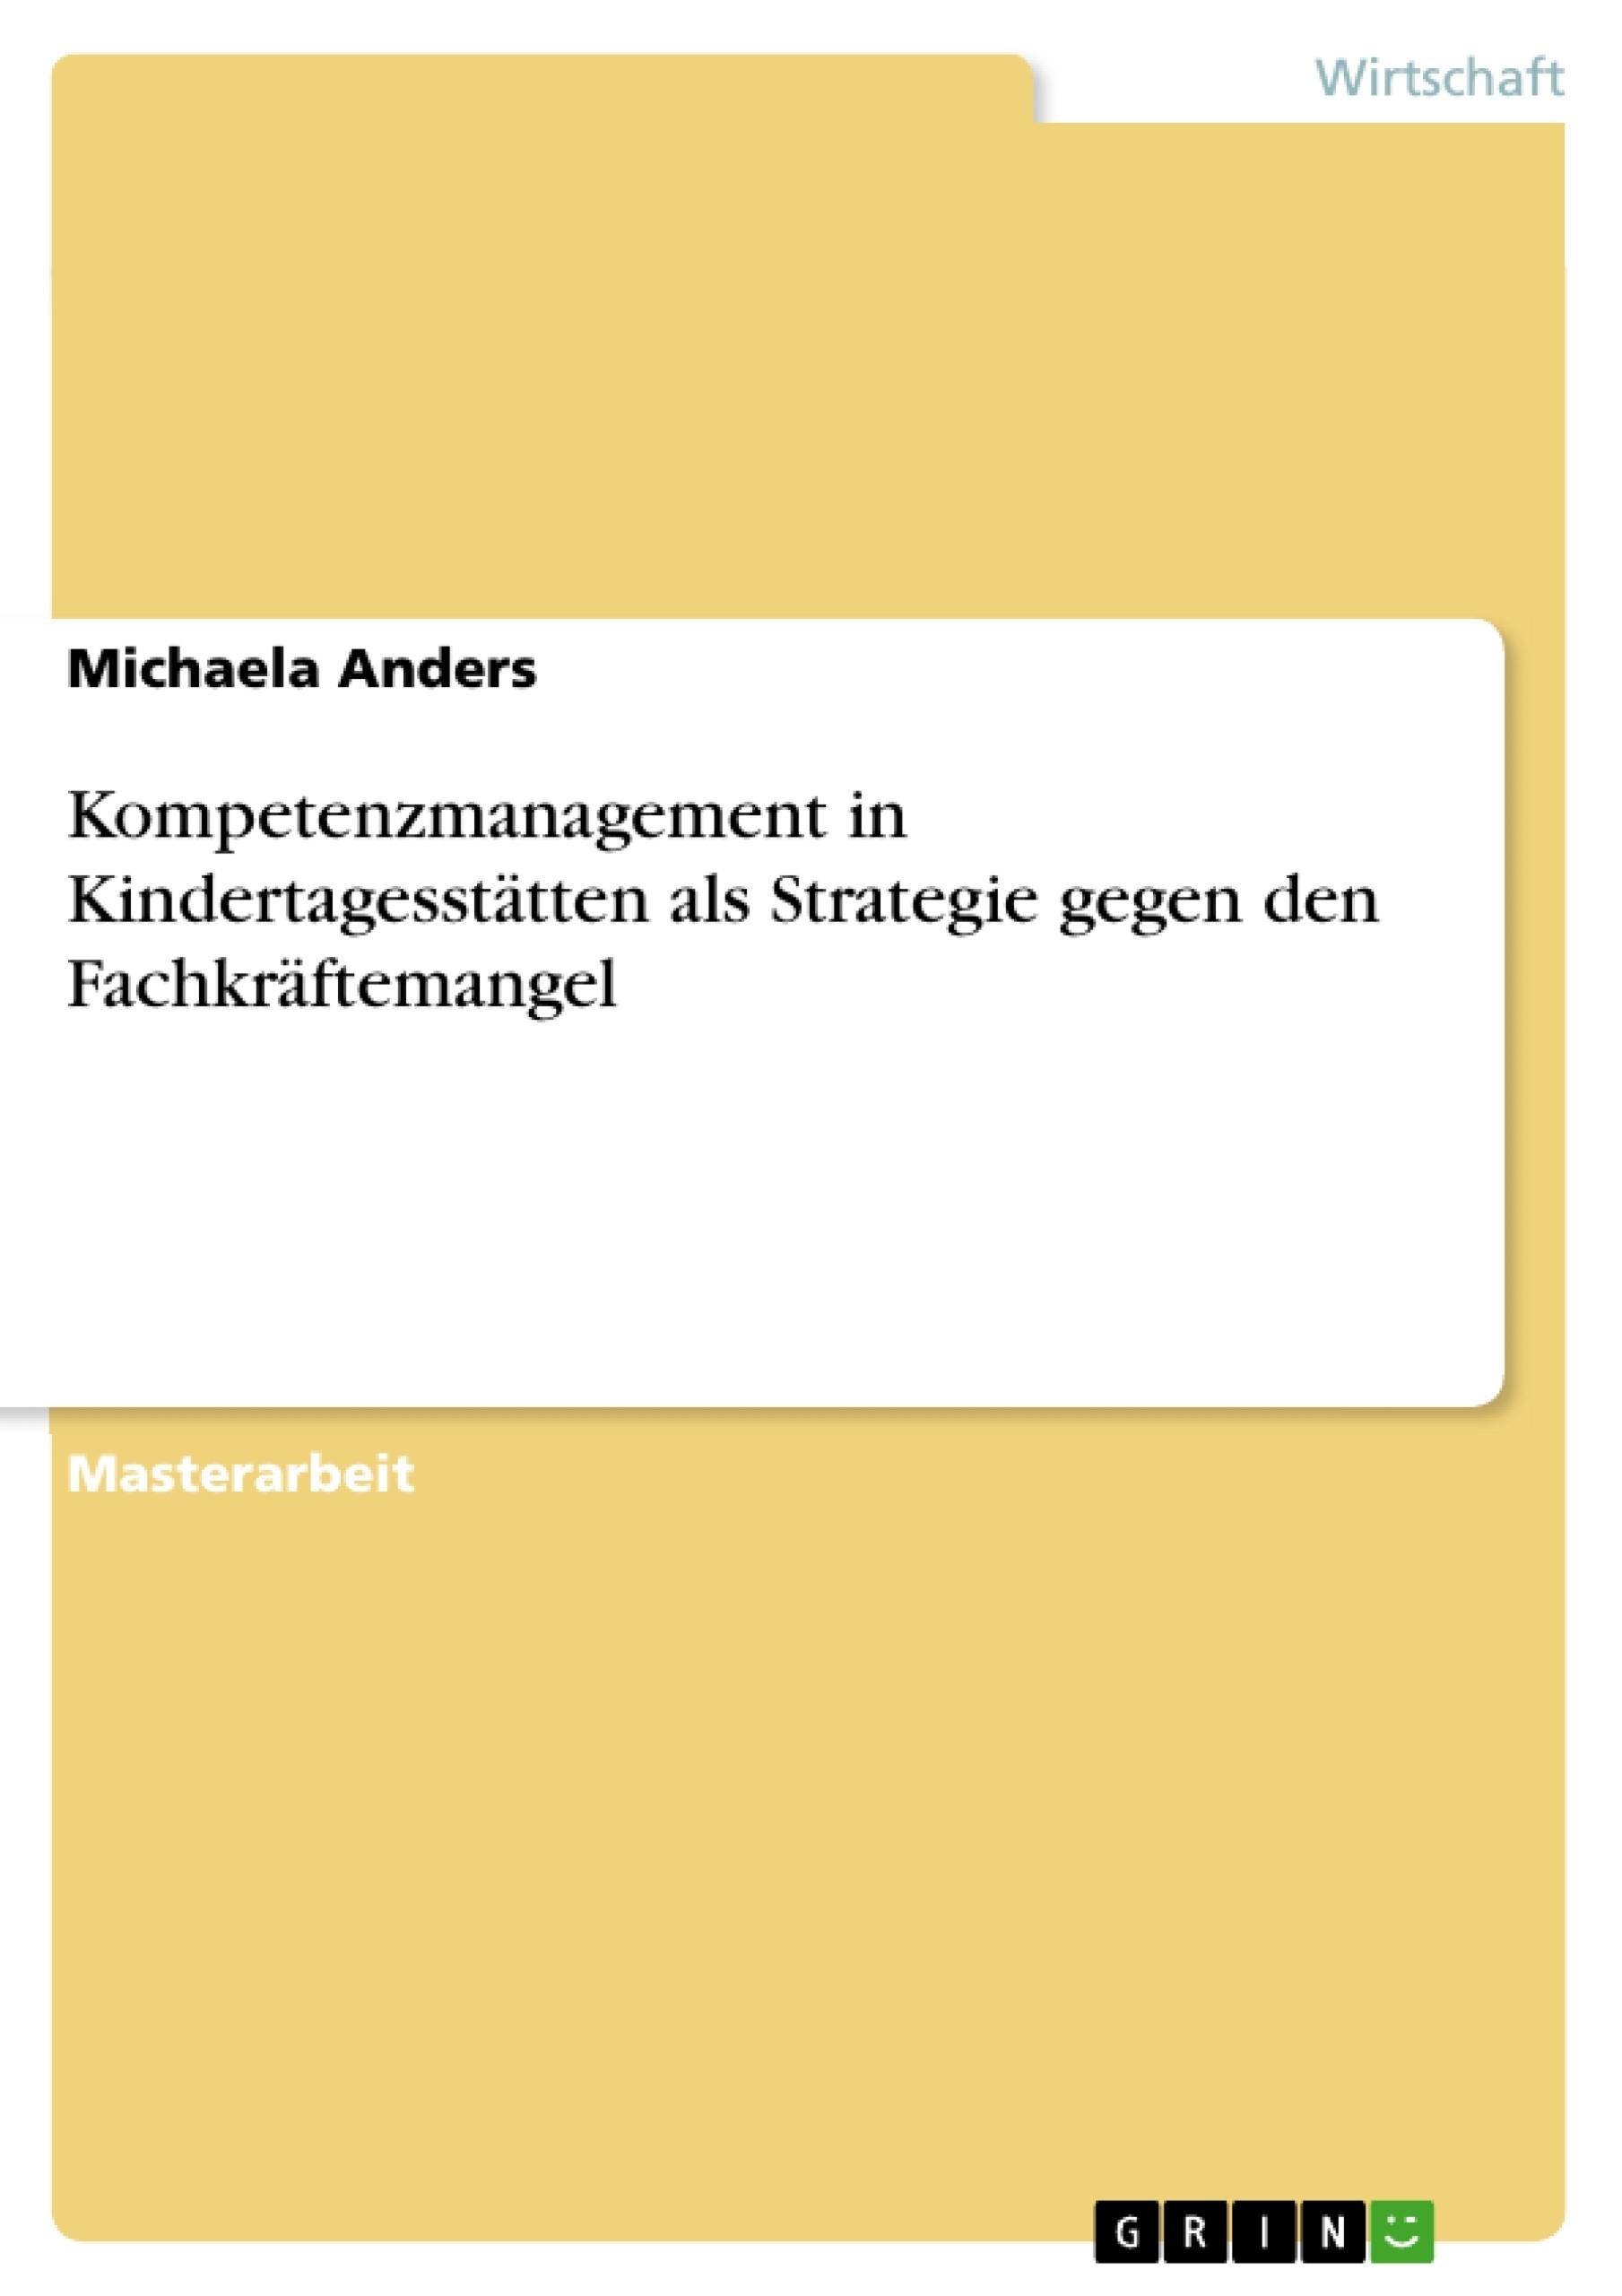 Titel: Kompetenzmanagement in Kindertagesstätten als Strategie gegen den Fachkräftemangel